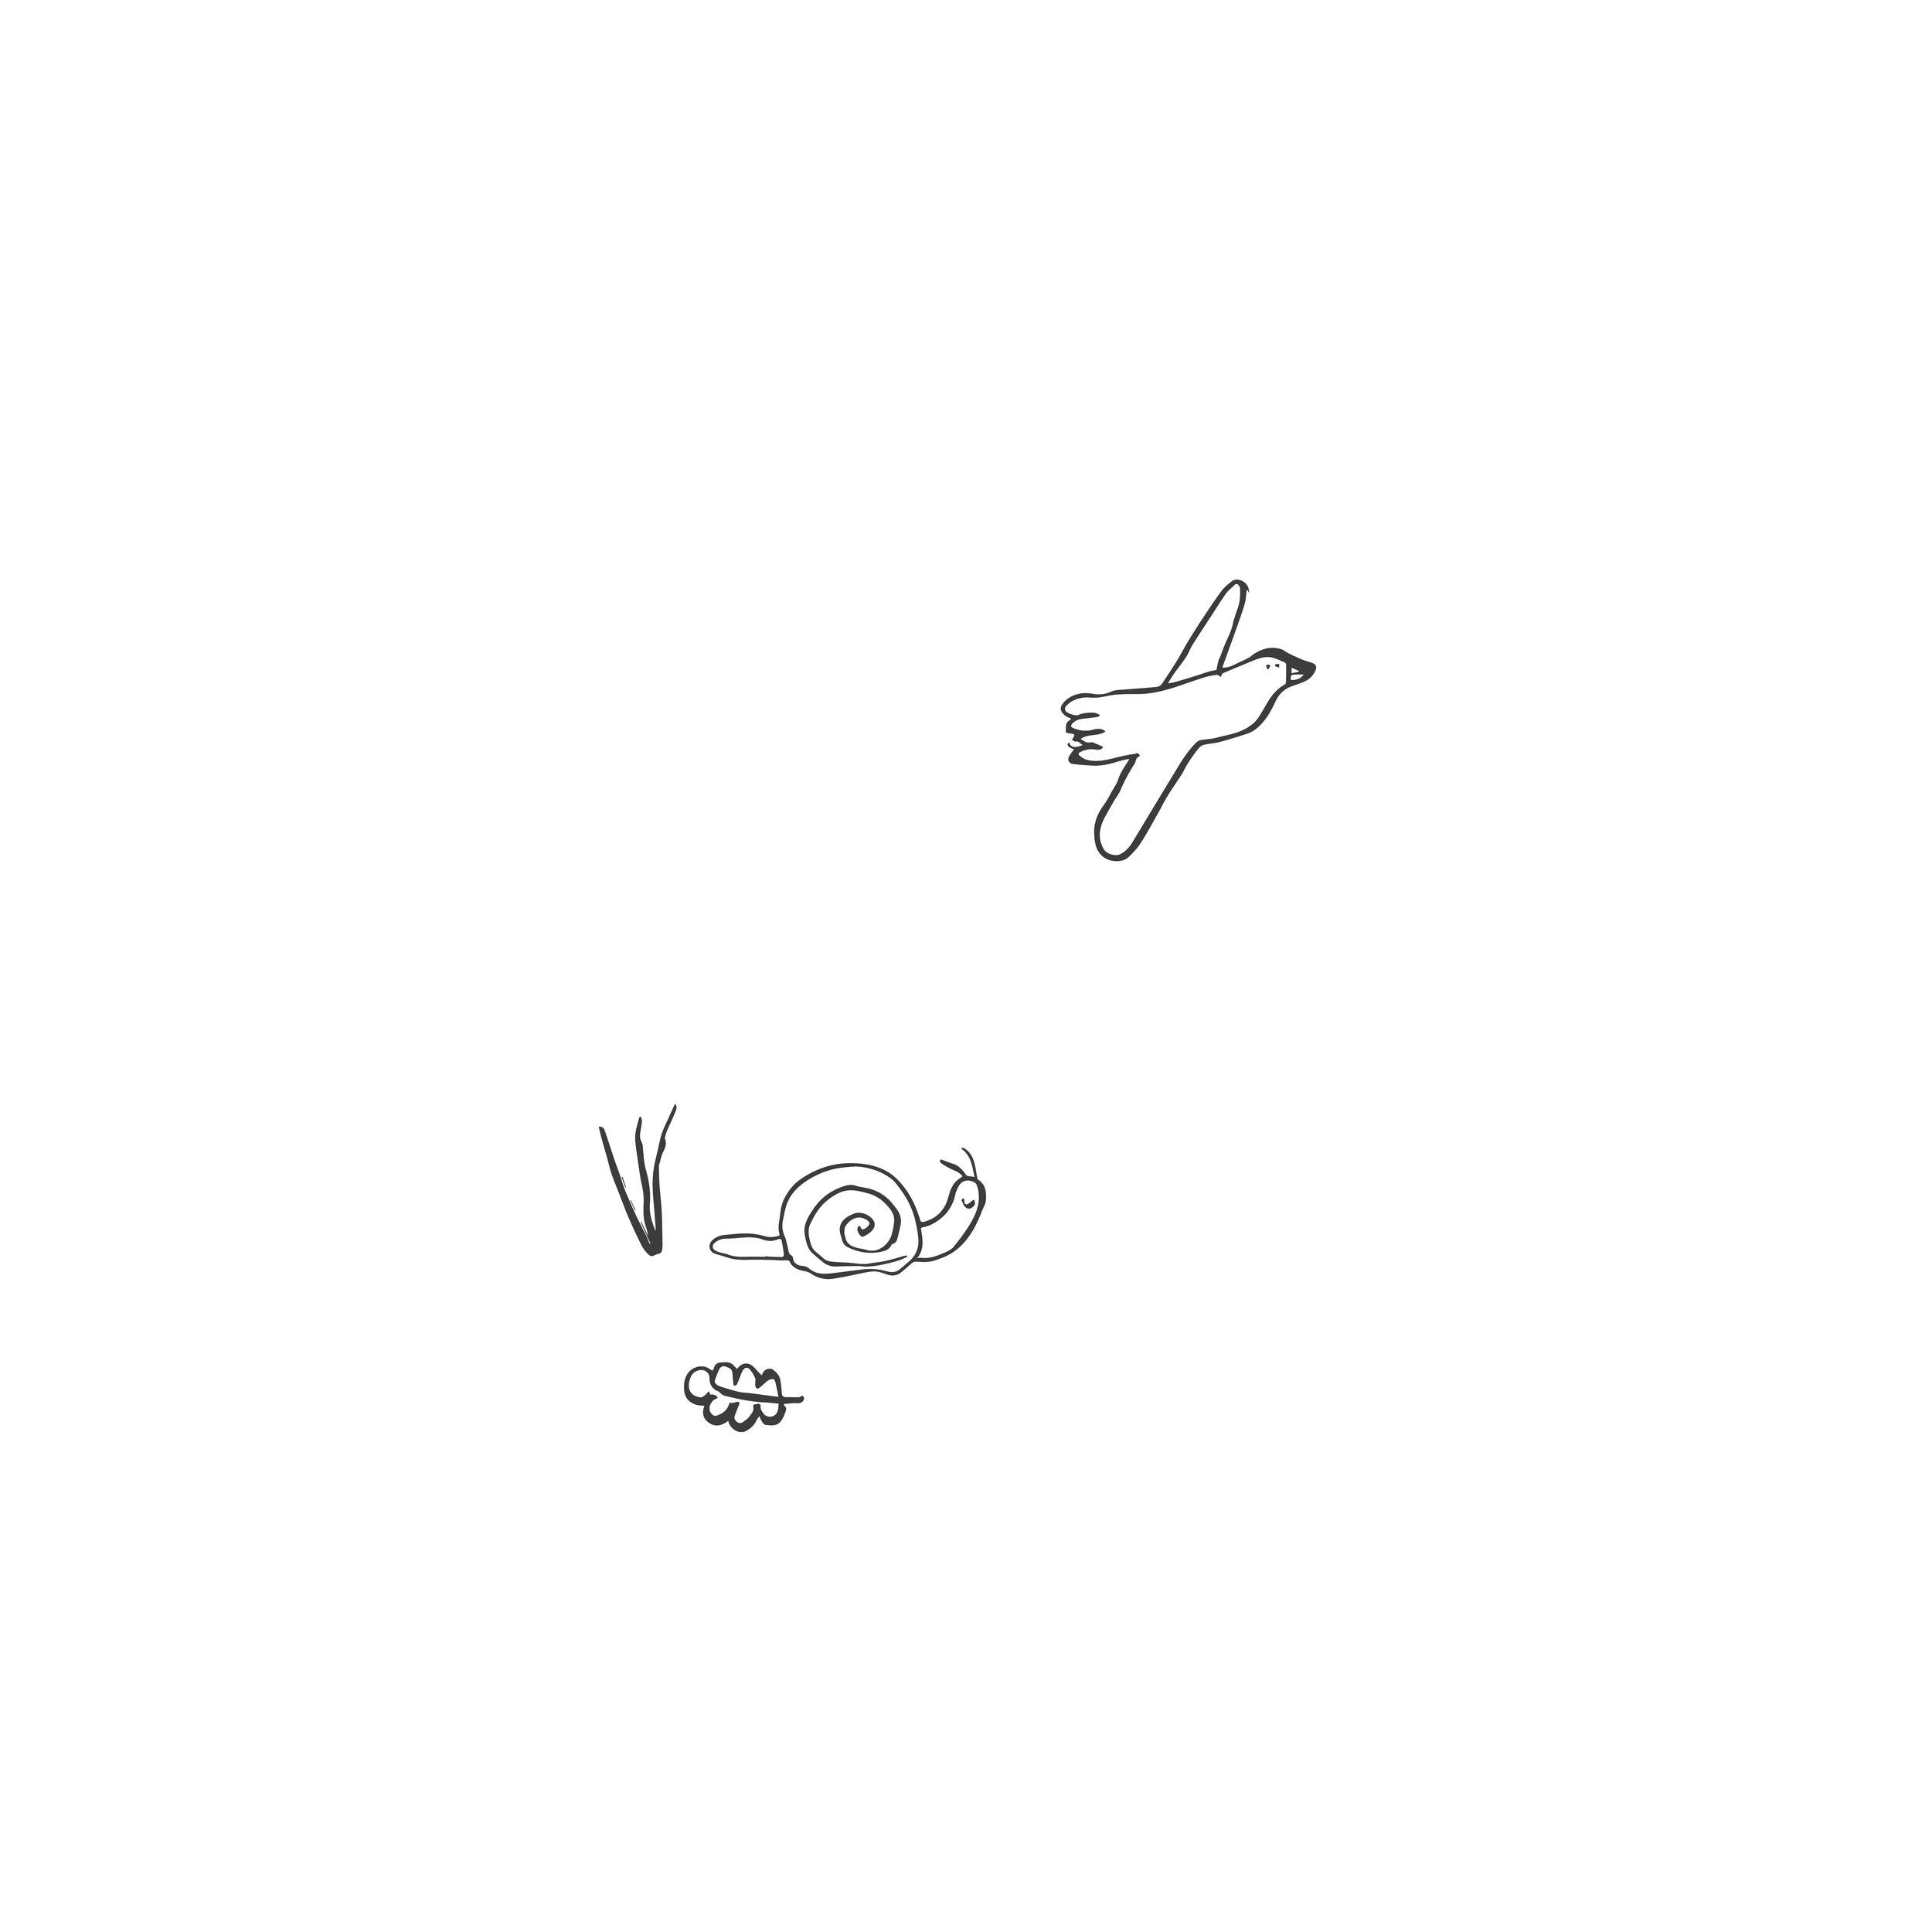 Ilustracions _ SENSE HORITZÓ-01-11.jpg